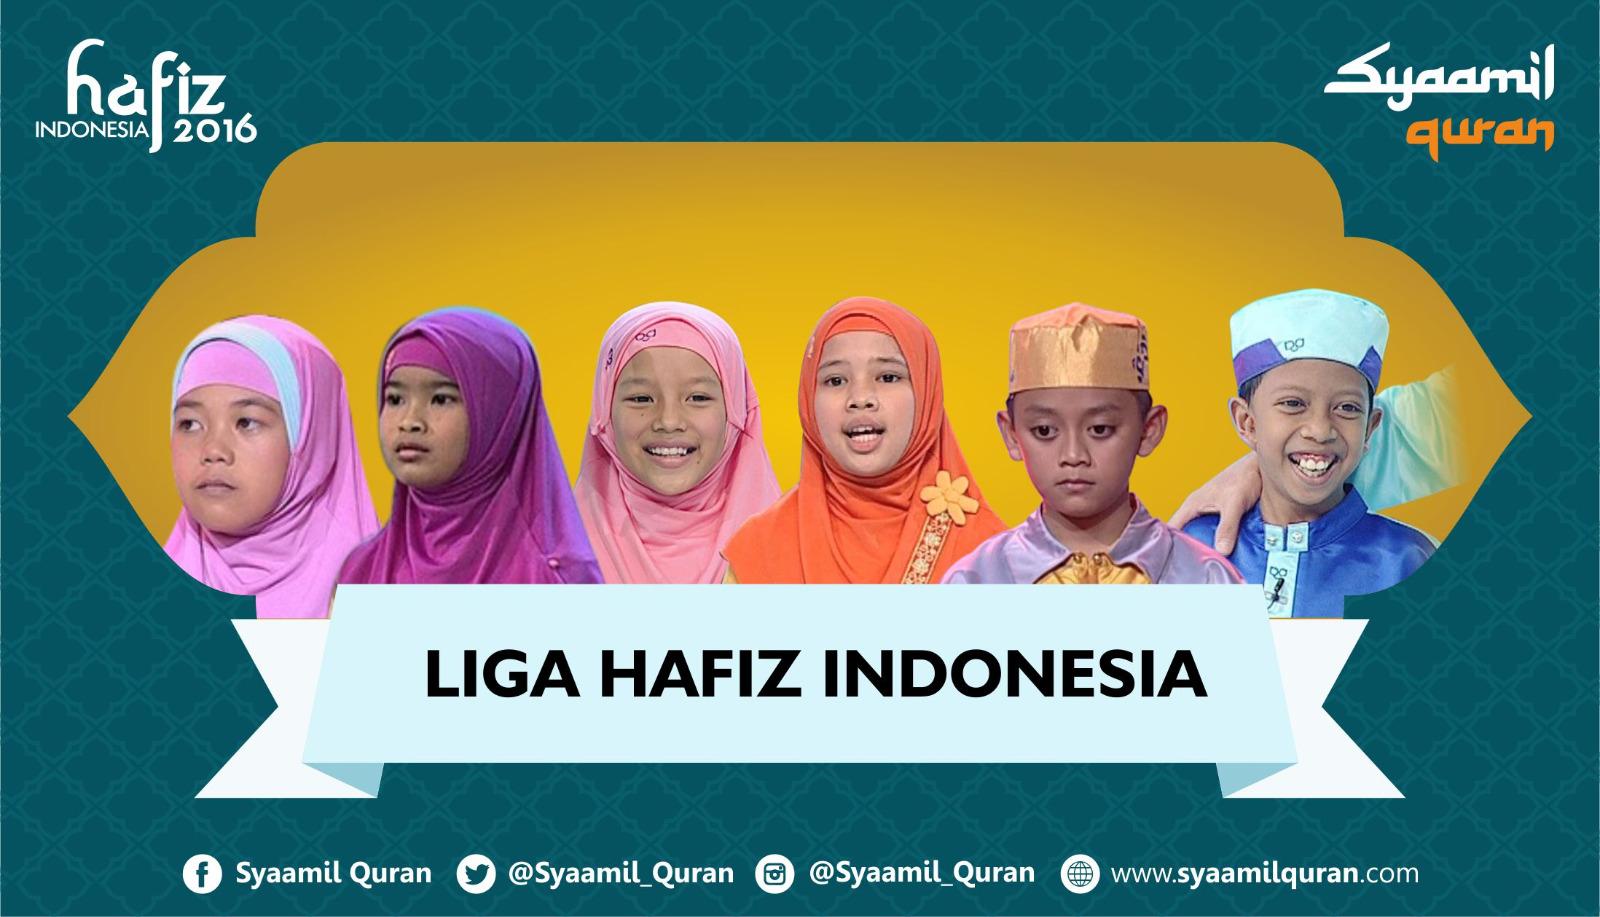 Ini Dia Profil 6 Besar Peserta Hafiz Indonesia